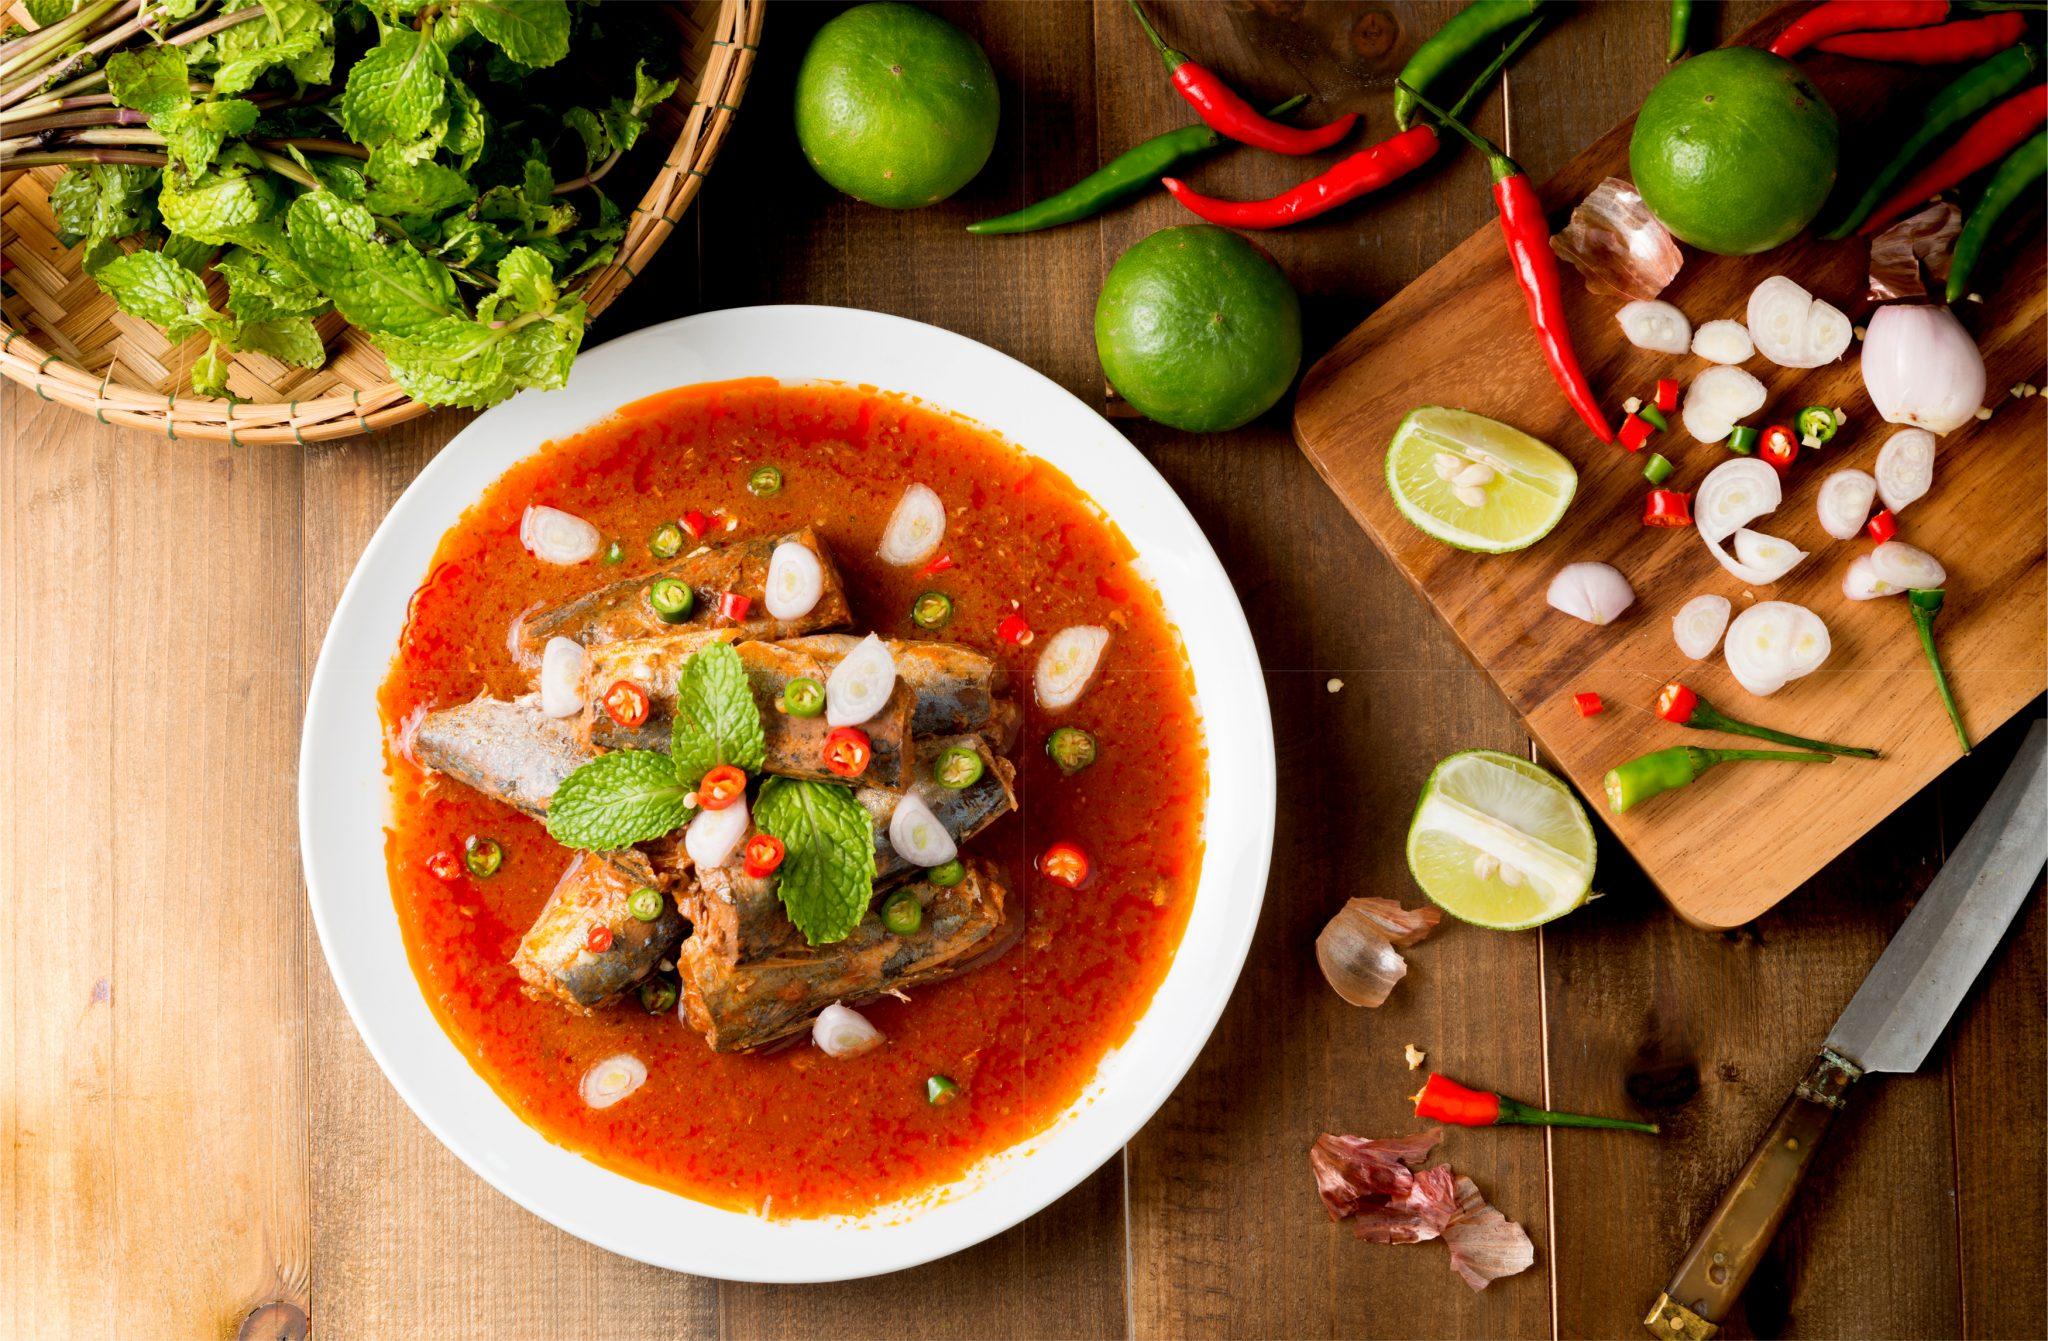 魚の缶詰を使ったスパイシースープ